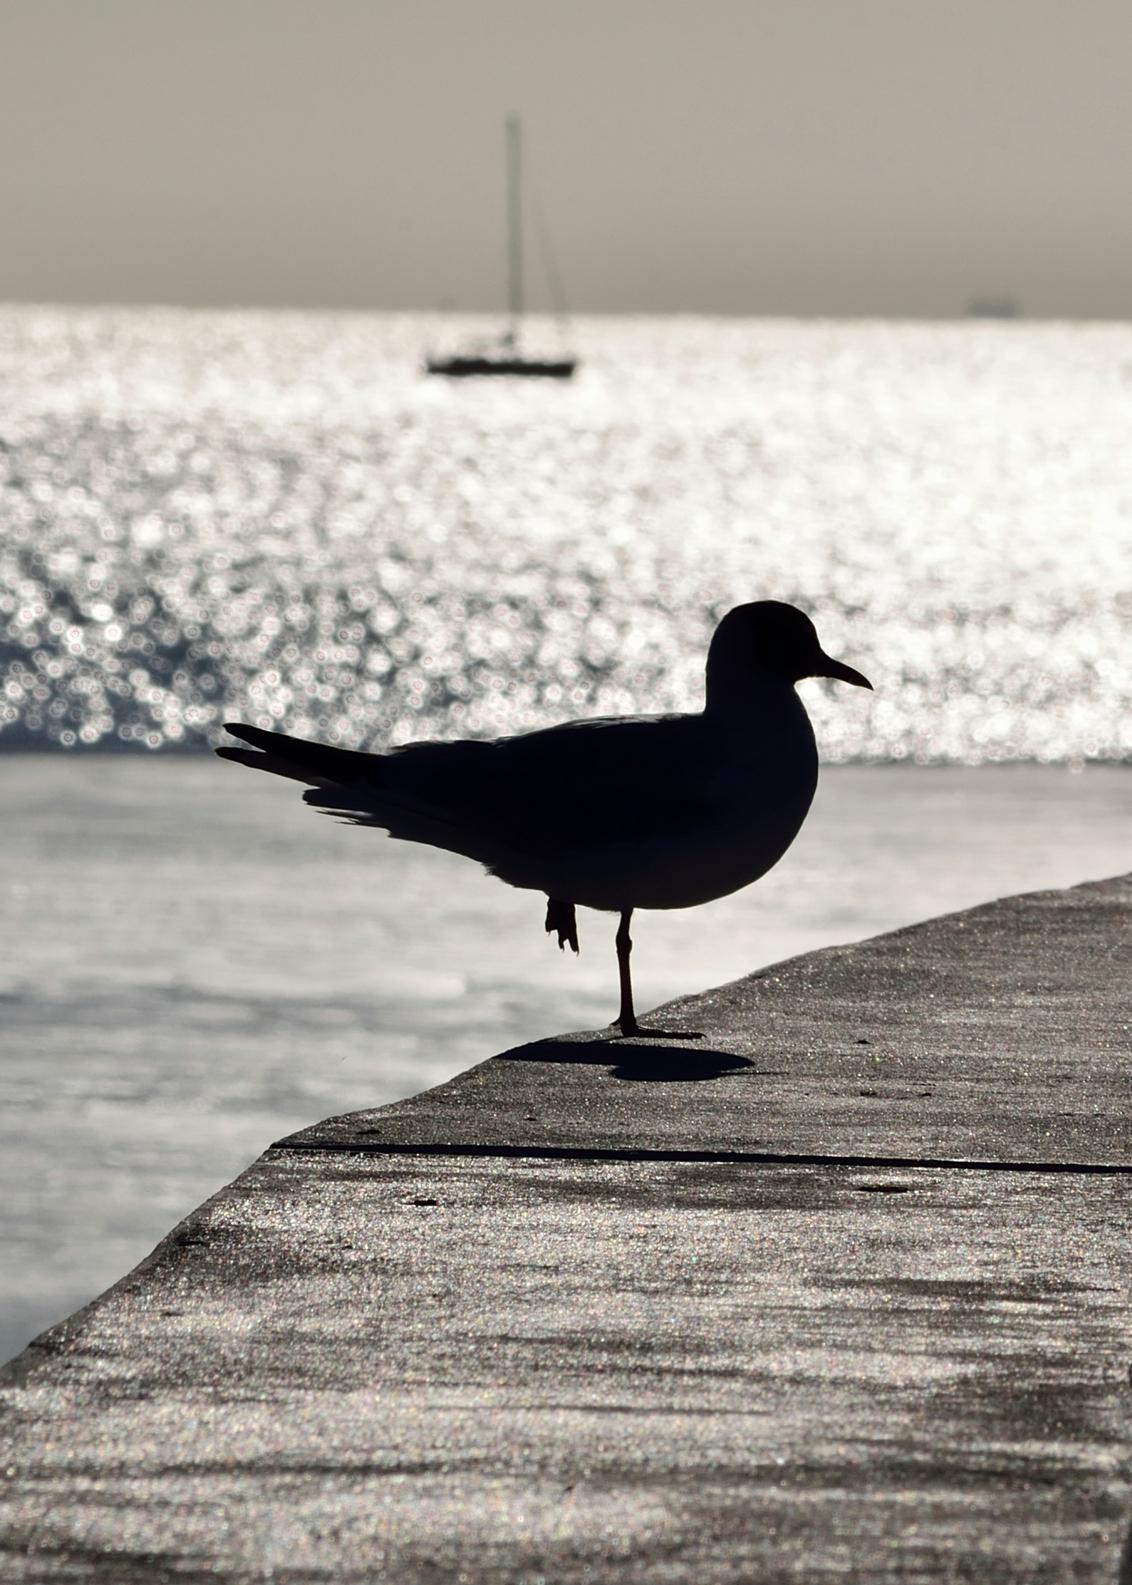 Op één been... - Op één been... - foto door aah op 09-07-2013 - deze foto bevat: zee, zonsondergang, zeemeeuw, pier